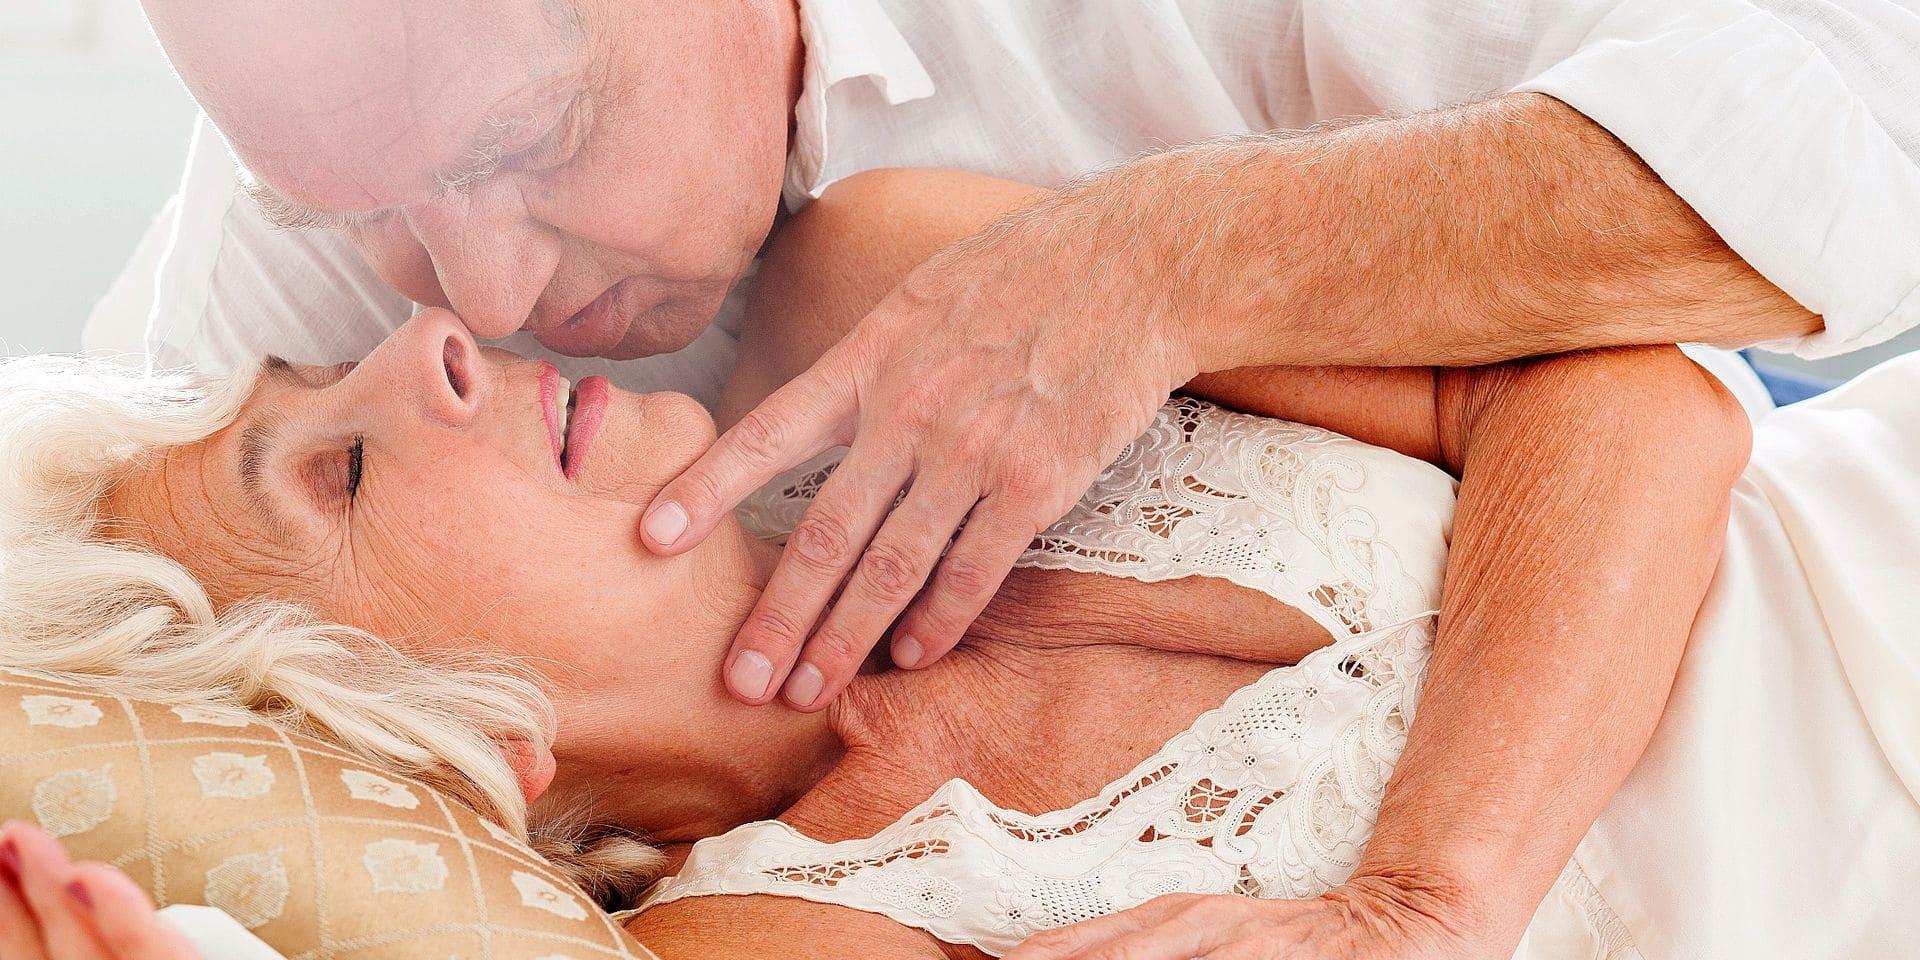 """Nos seniors parlent de sexe et disent adieu aux tabous: """"L'envie est toujours là"""""""